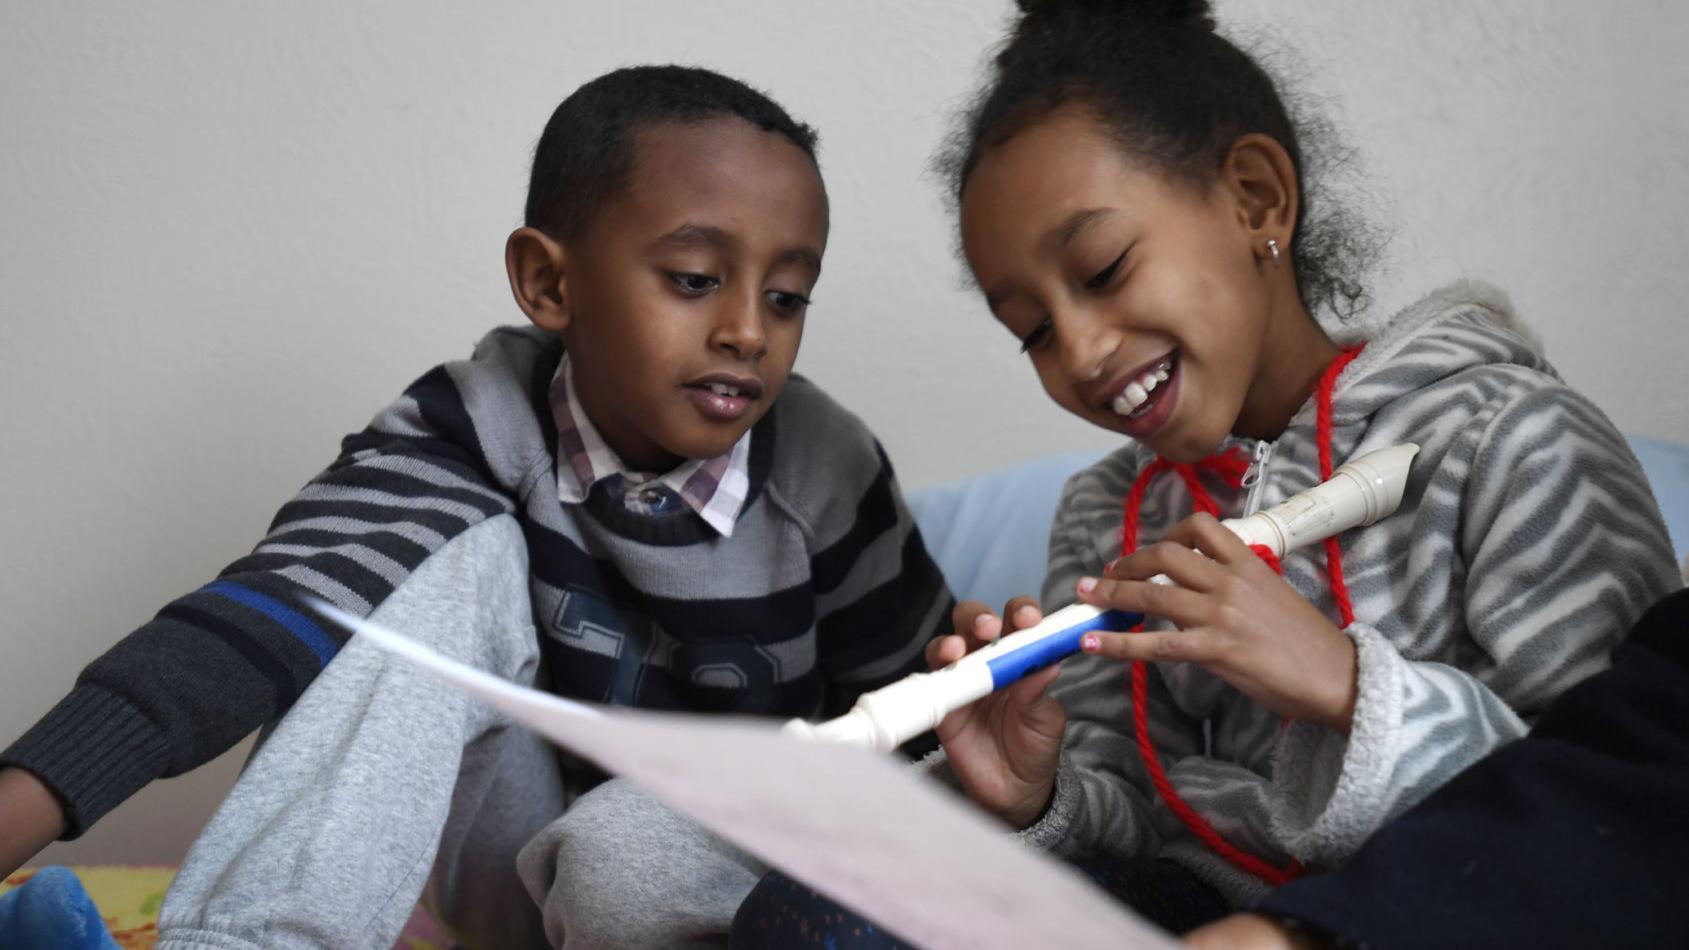 The door is open: Eritrean refugee family adjusts to winter in Montana